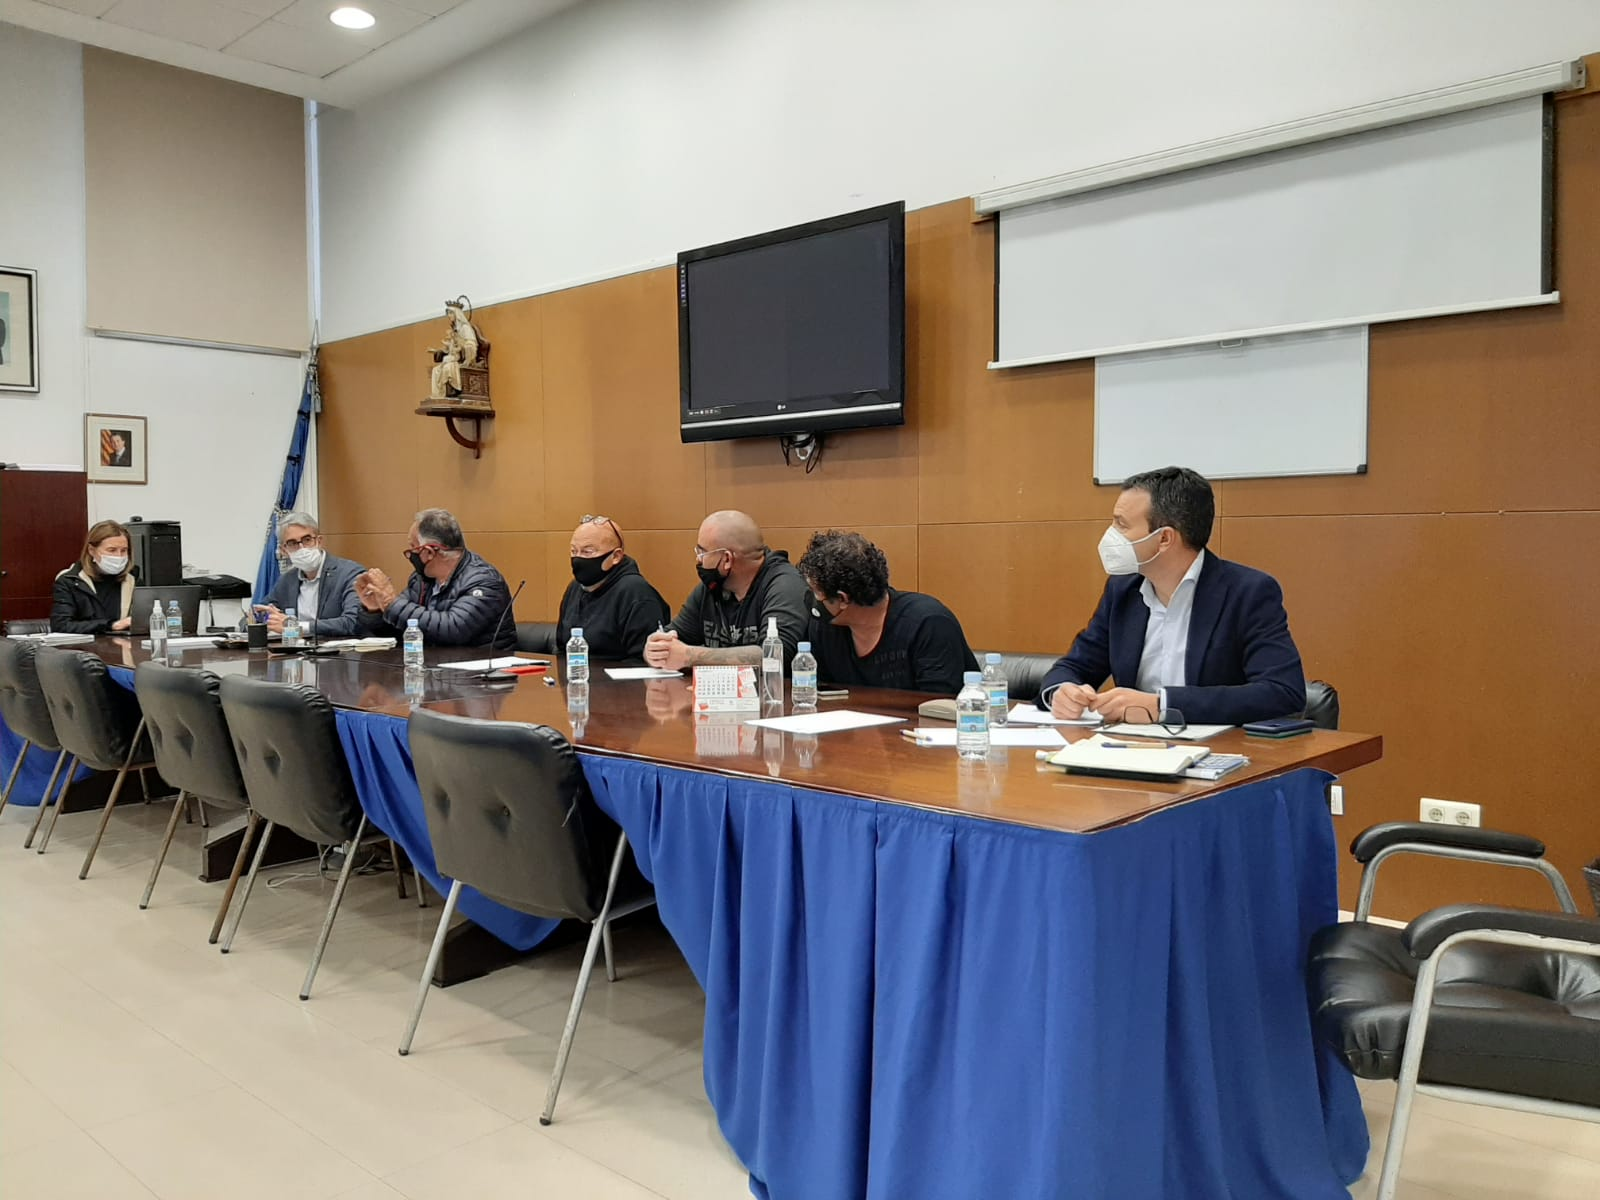 La Comunitat Valenciana y Cataluña presentarán al Gobierno un plan alternativo para evitar el recorte de capturas de pesca que propone Bruselas